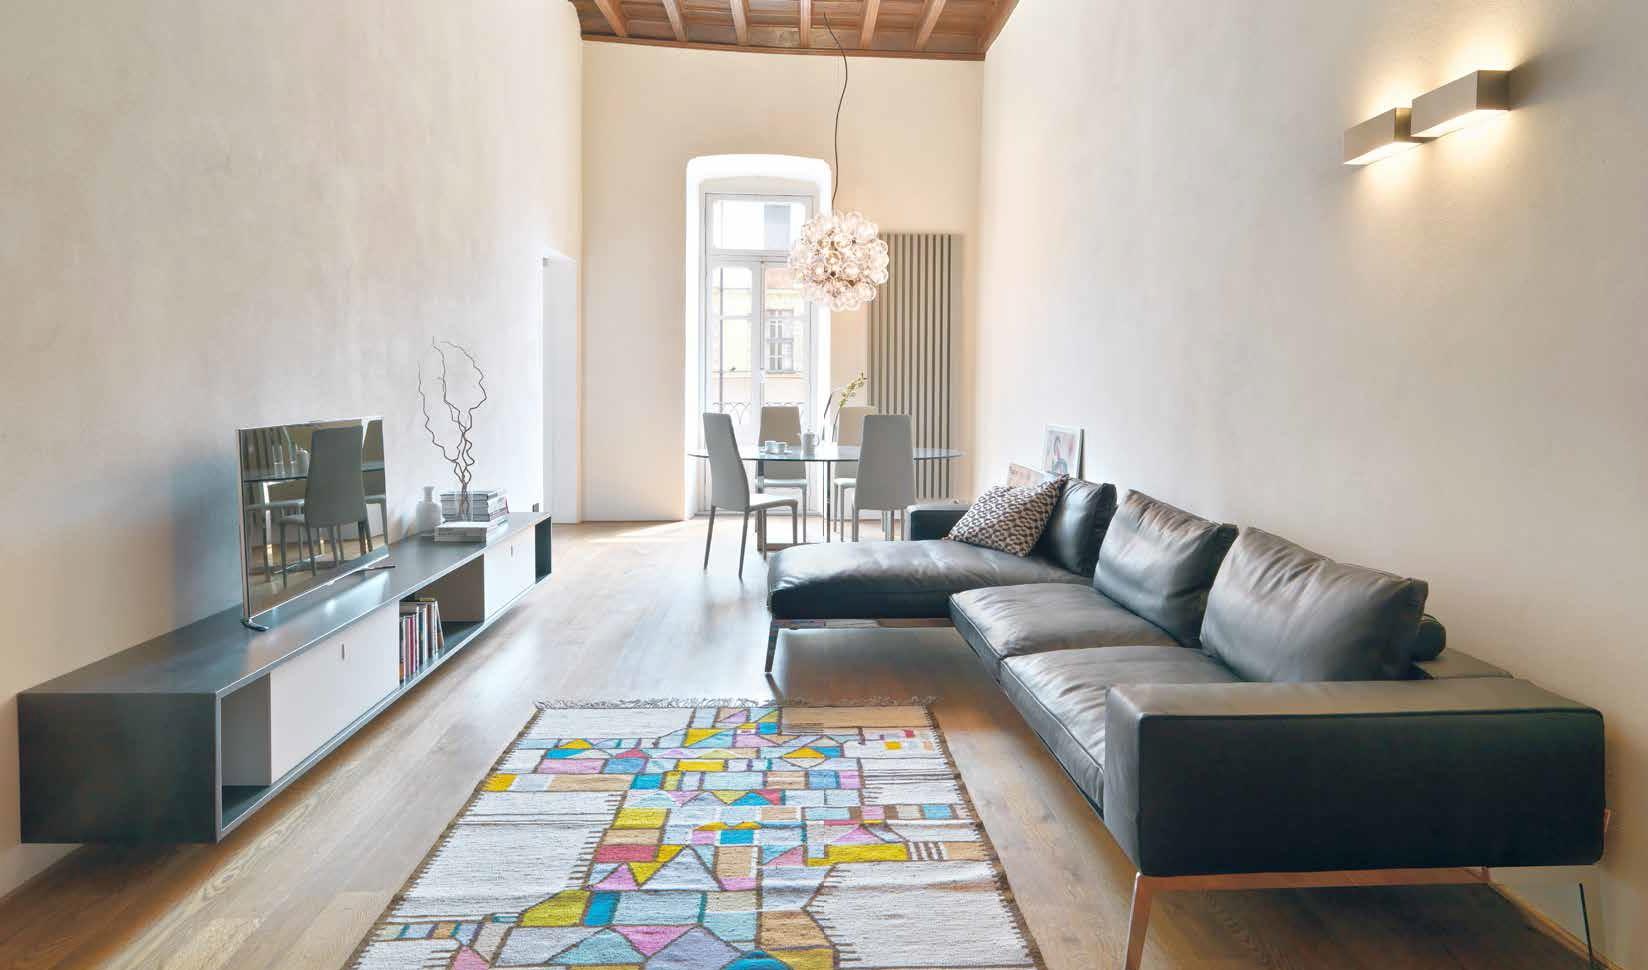 Soffitti Alti 4 Metri : Ristrutturazione di un appartamento: luce colore stile casa naturale